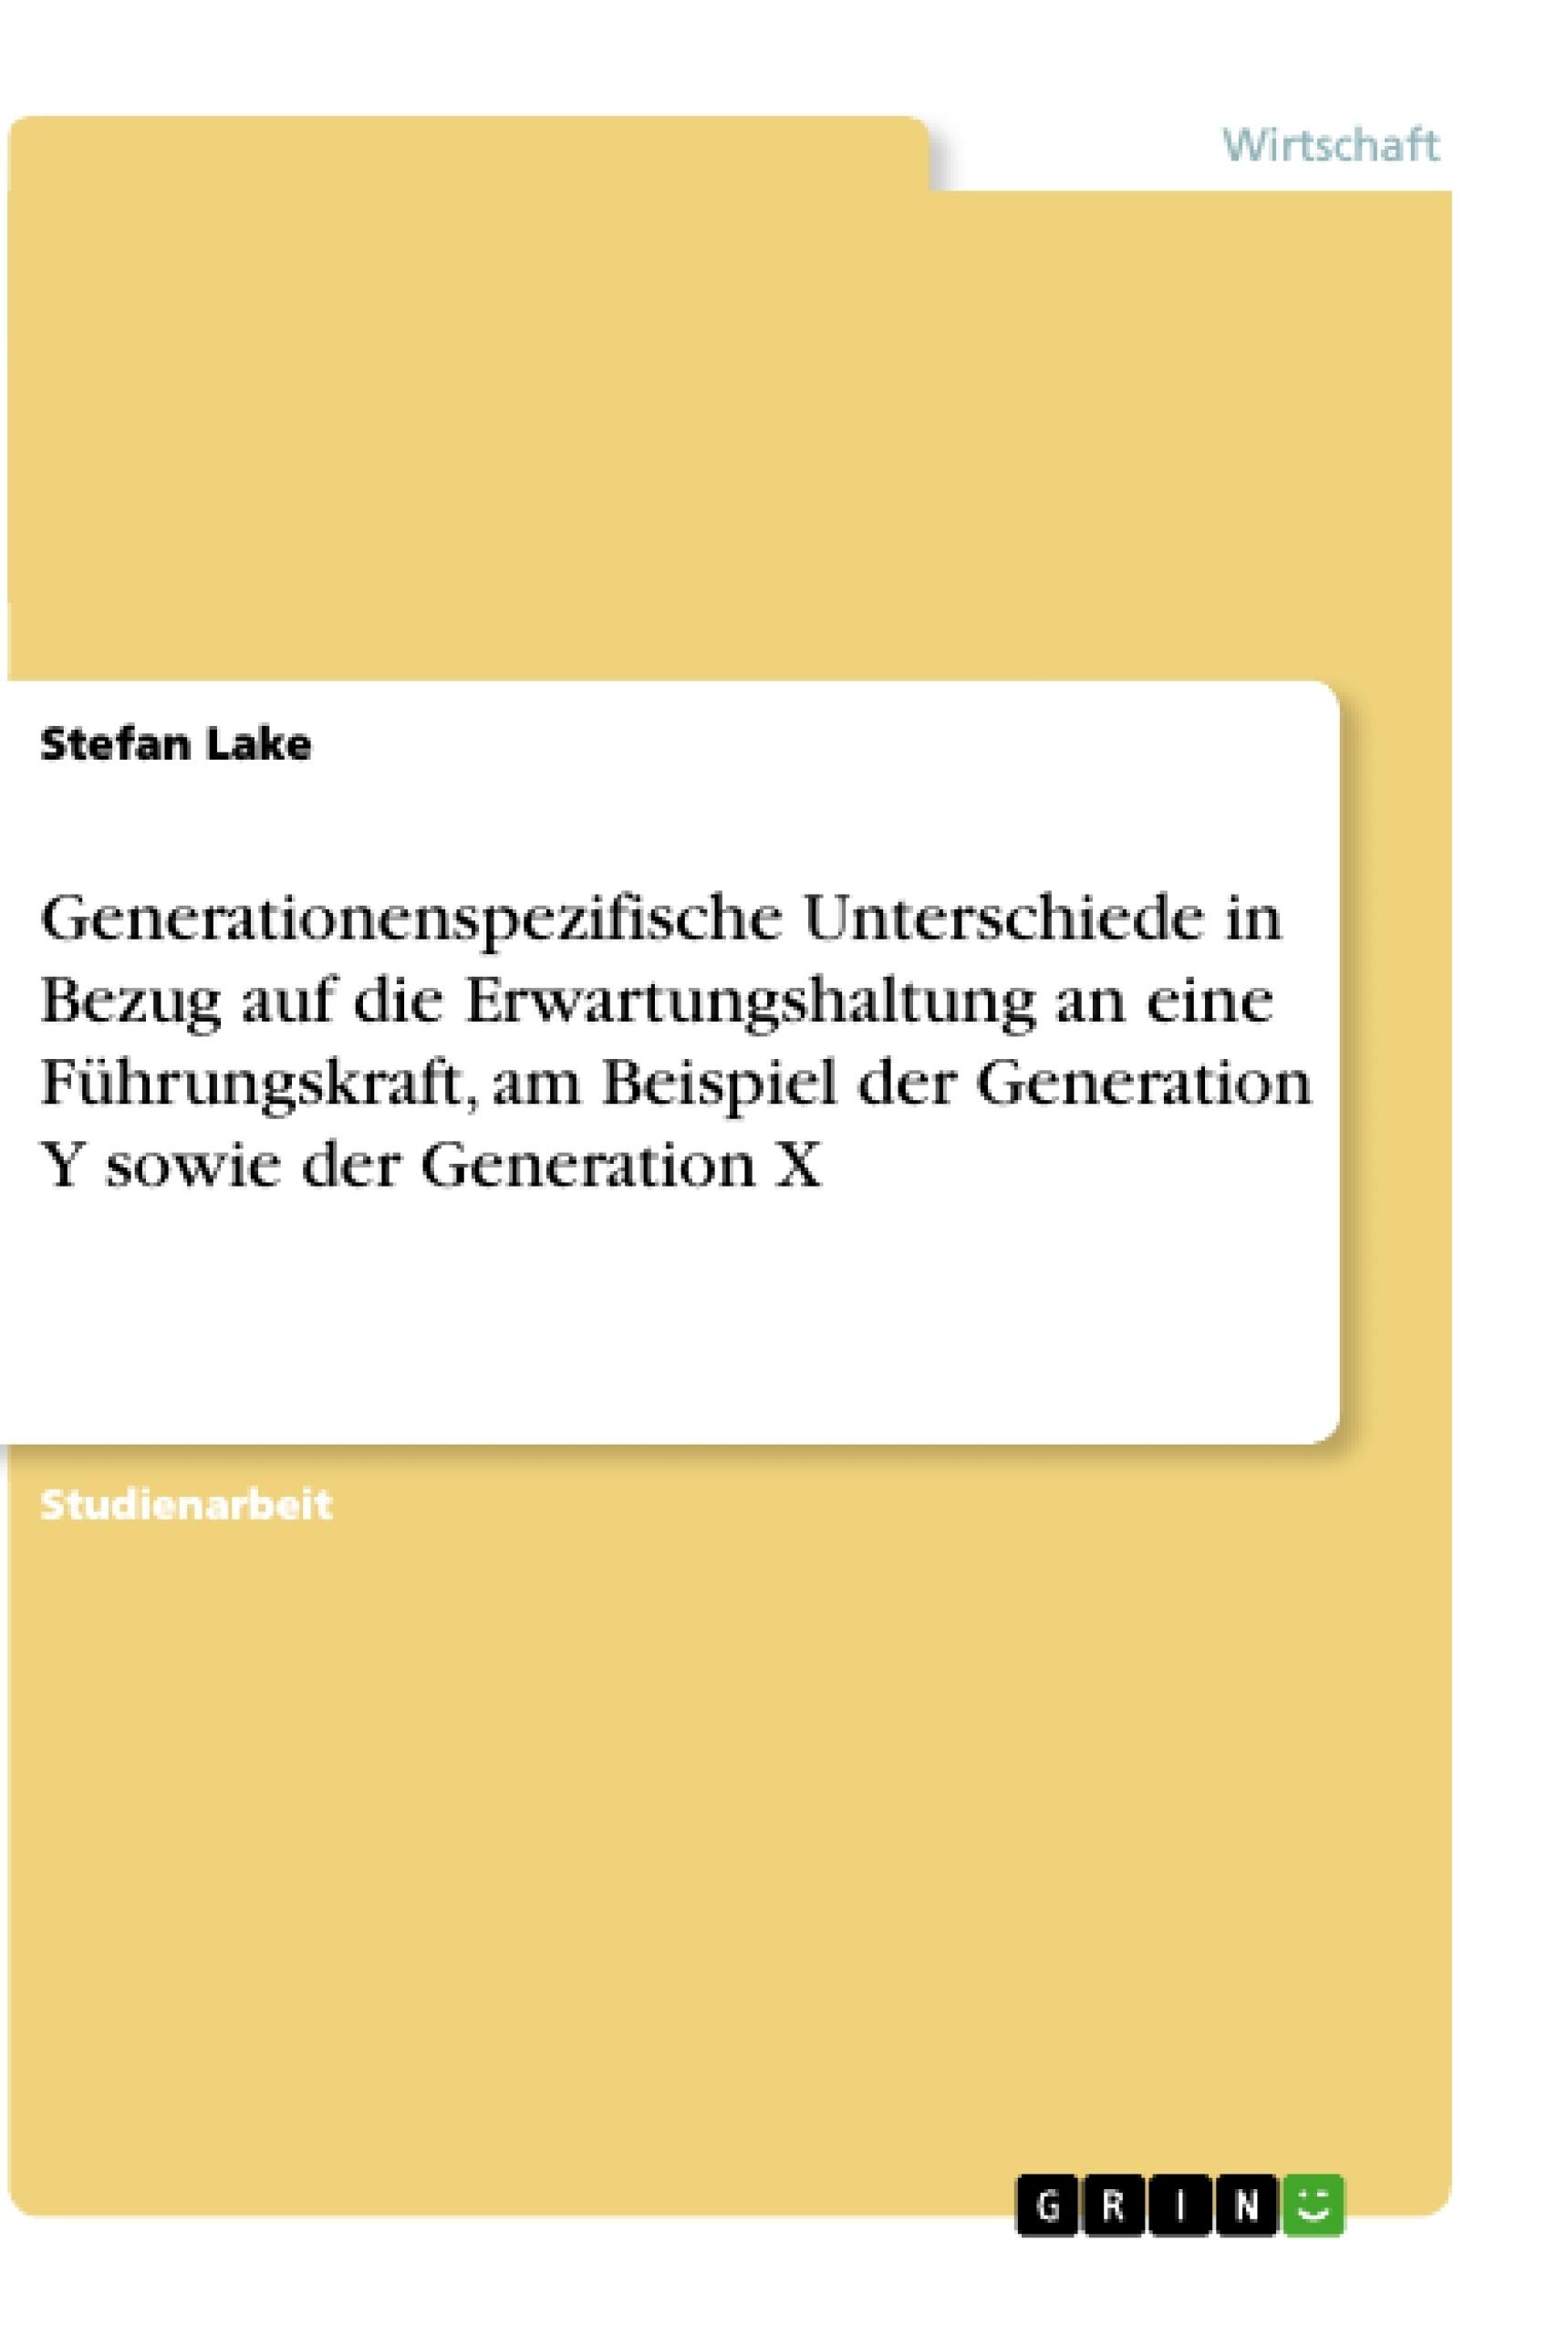 Titel: Generationenspezifische Unterschiede in Bezug auf die Erwartungshaltung an eine Führungskraft, am Beispiel der Generation Y sowie der Generation X